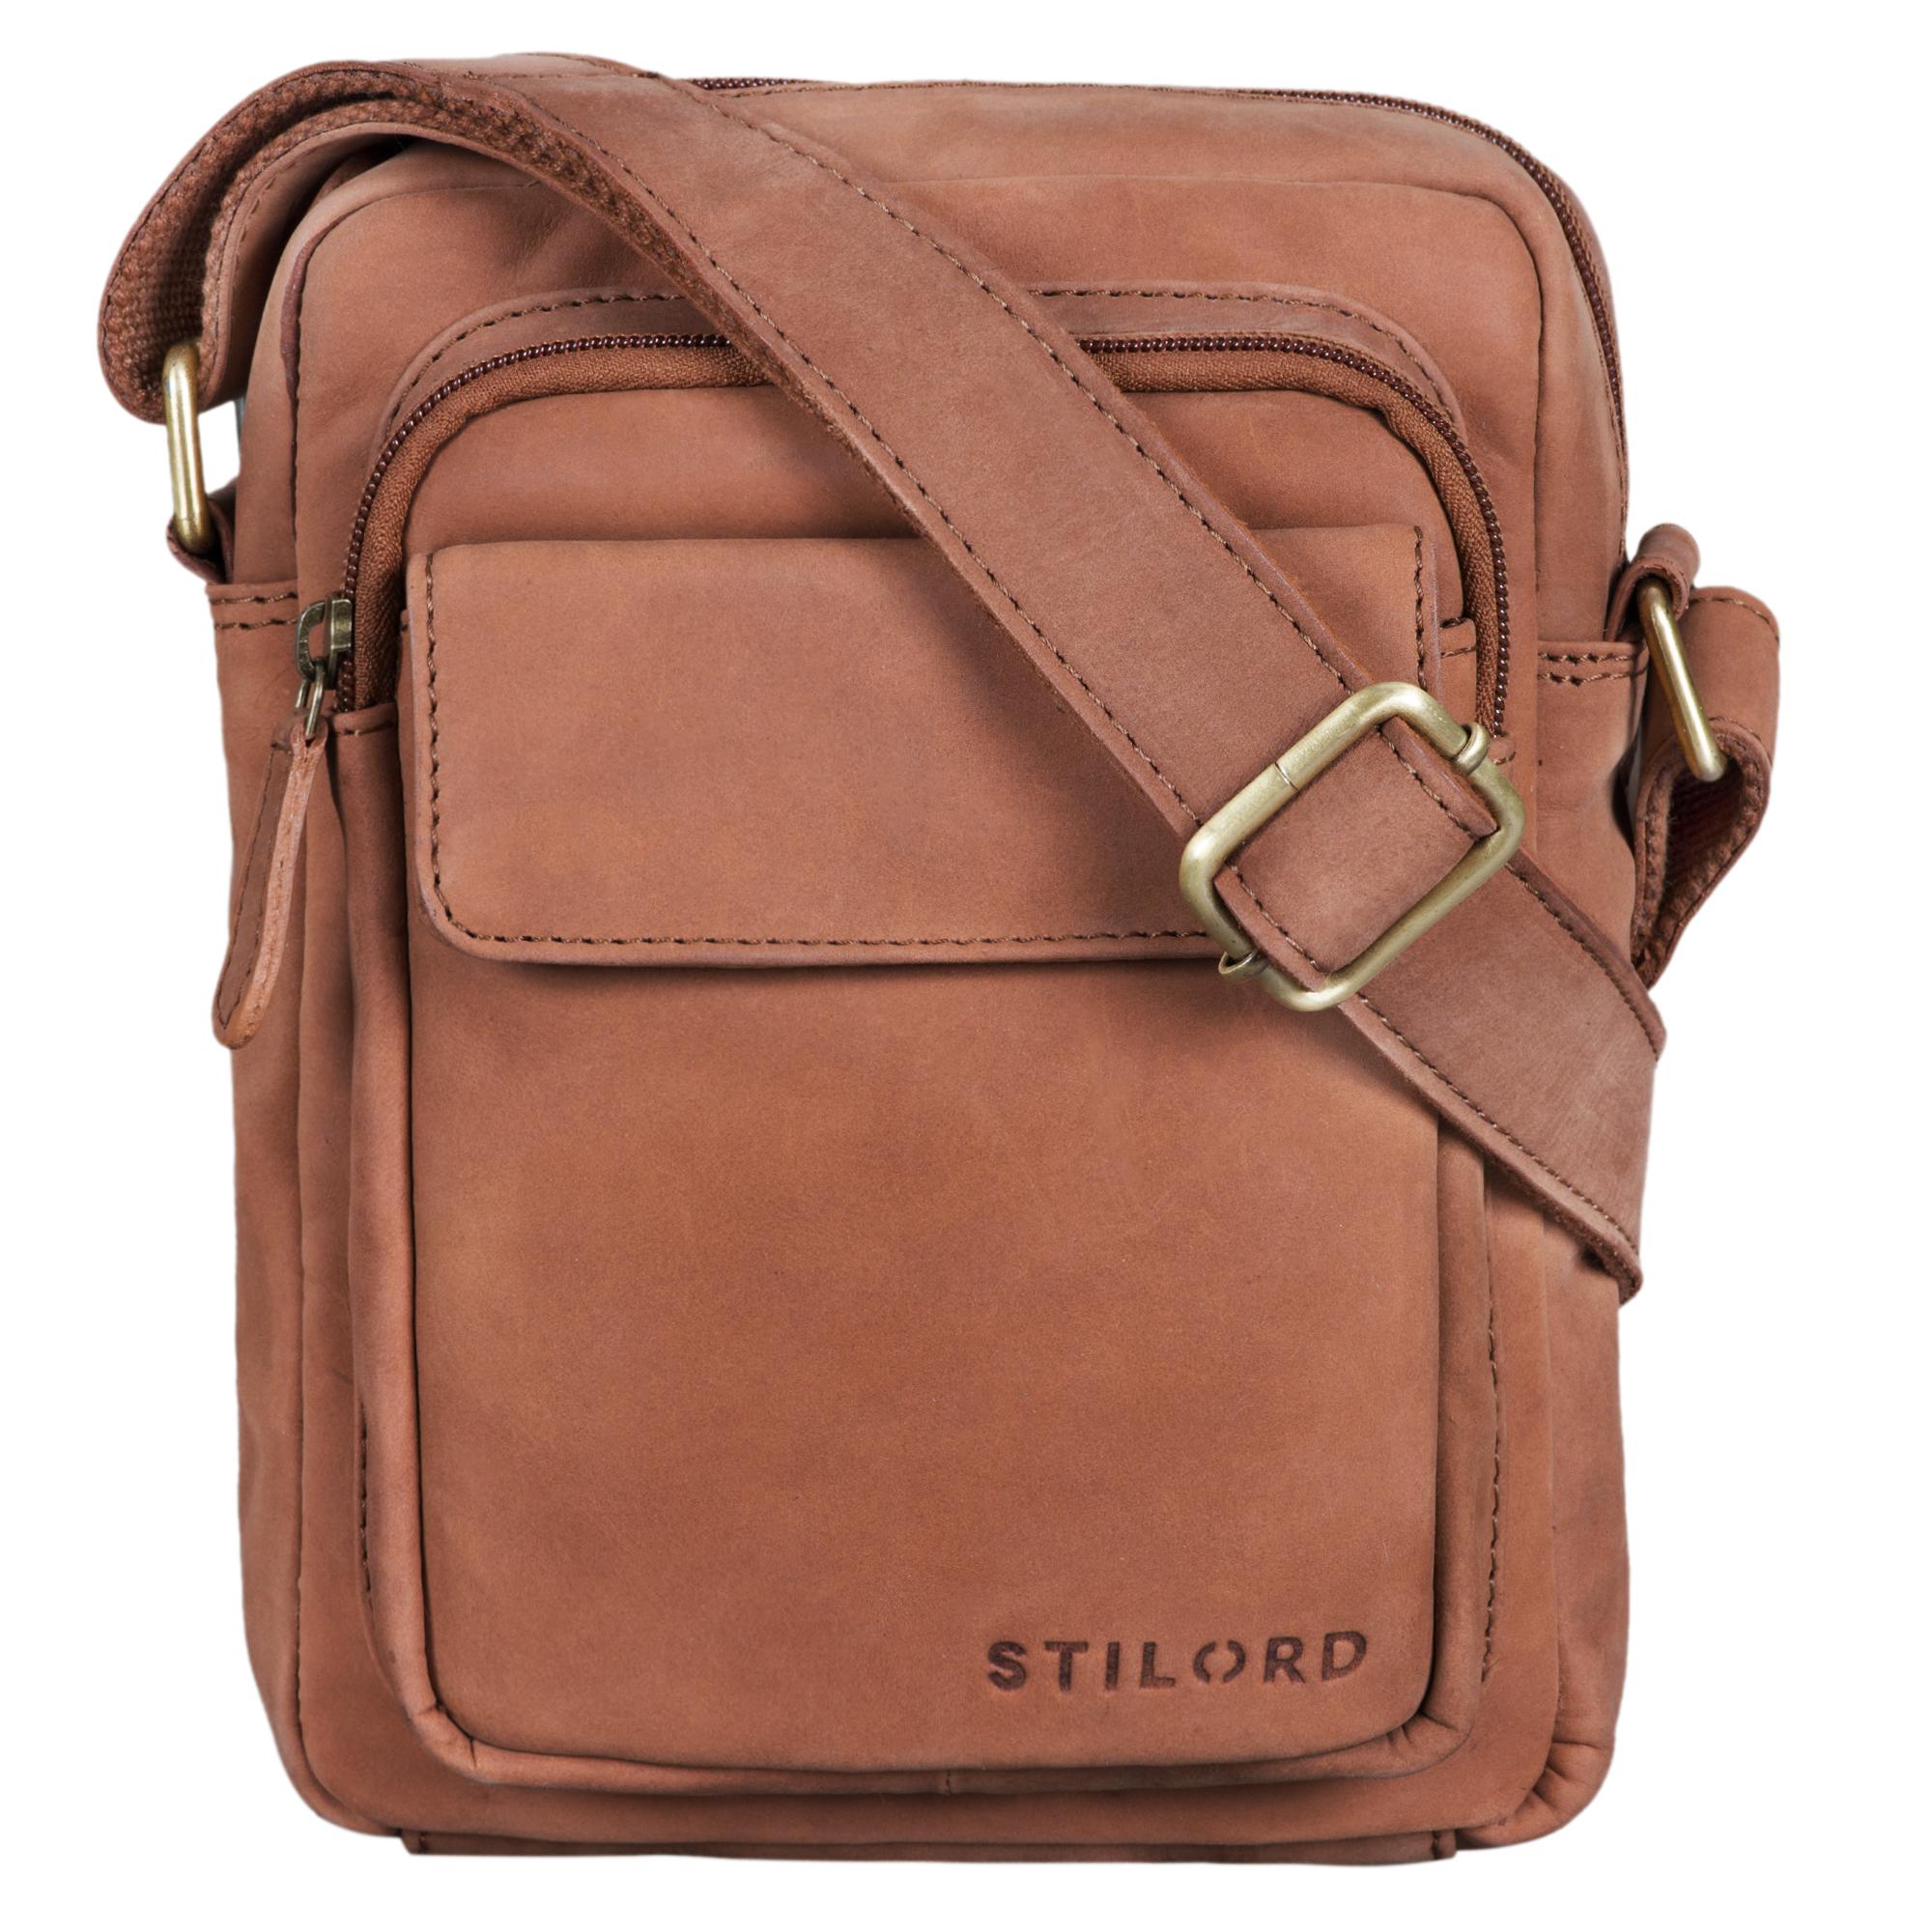 """STILORD """"Jannis"""" Leder Umhängetasche Männer klein Vintage Messenger Bag Herren-Tasche Tablettasche für 9.7 Zoll iPad Schultertasche aus echtem Leder - Bild 12"""